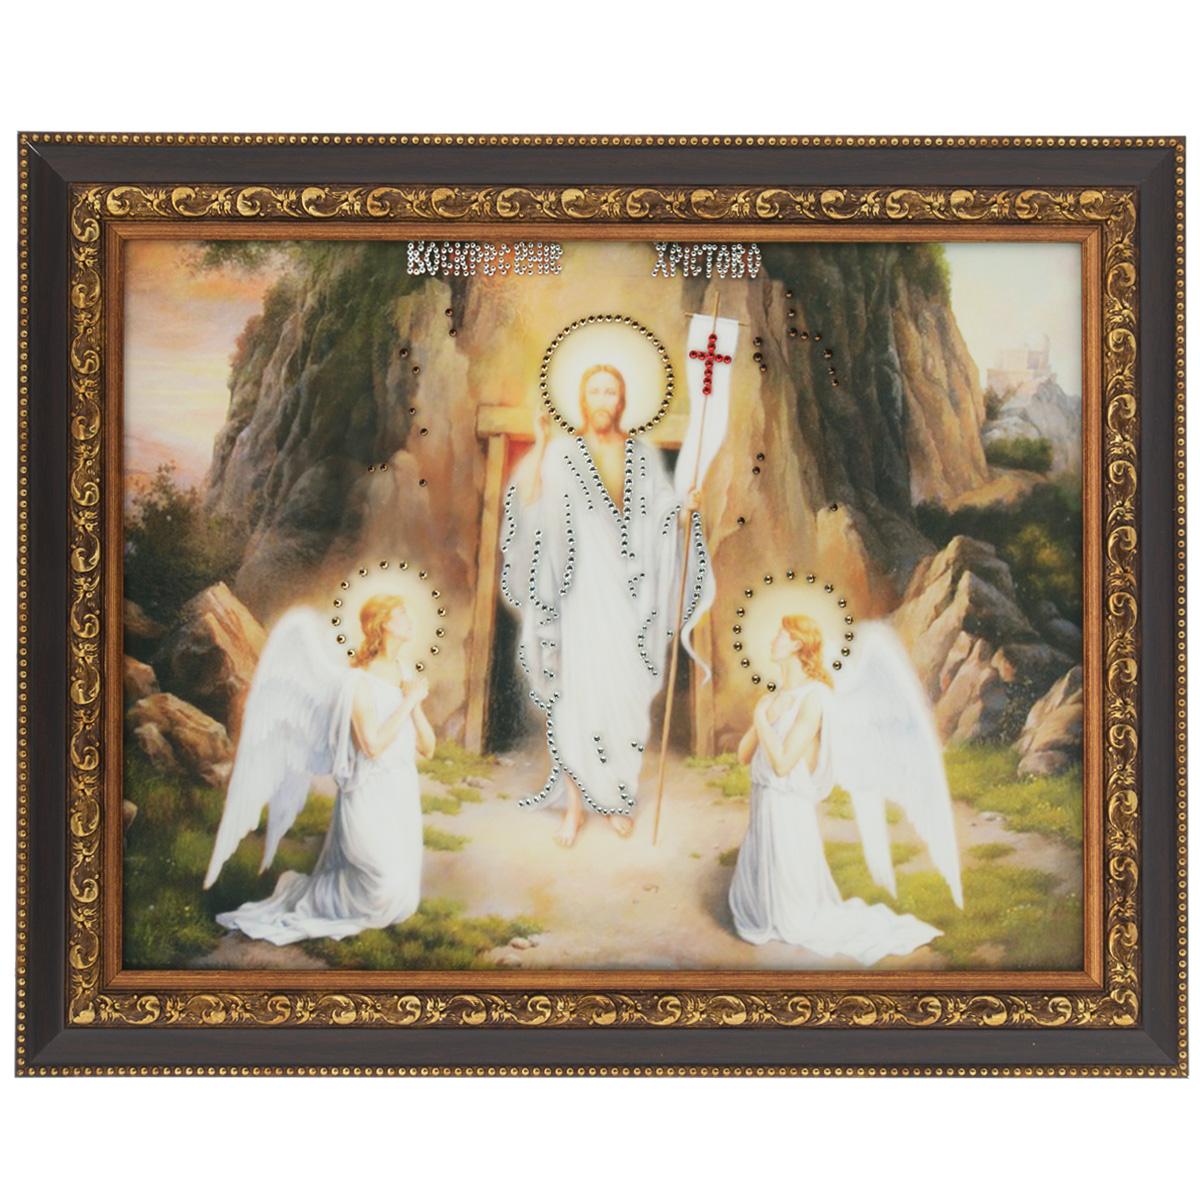 Картина с кристаллами Swarovski Воскресение Христово, 47,5 х 37,5 см митрофорный протоиерей александр введенский воскресение христово